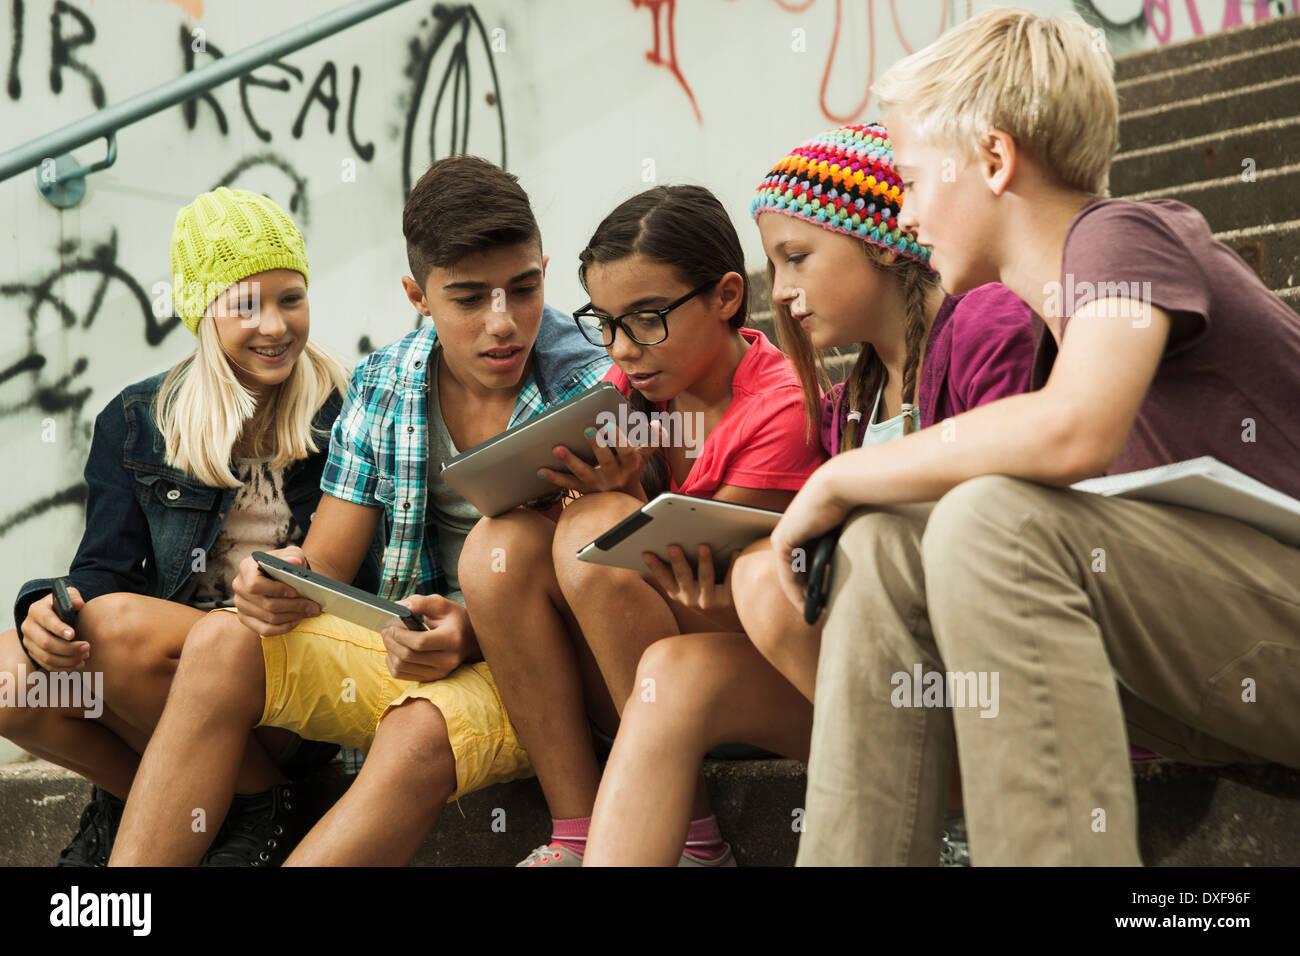 Gruppe von Kindern auf Treppen im Freien, sitzend mit Tablet-PCs und Smartphones, Deutschland Stockfoto